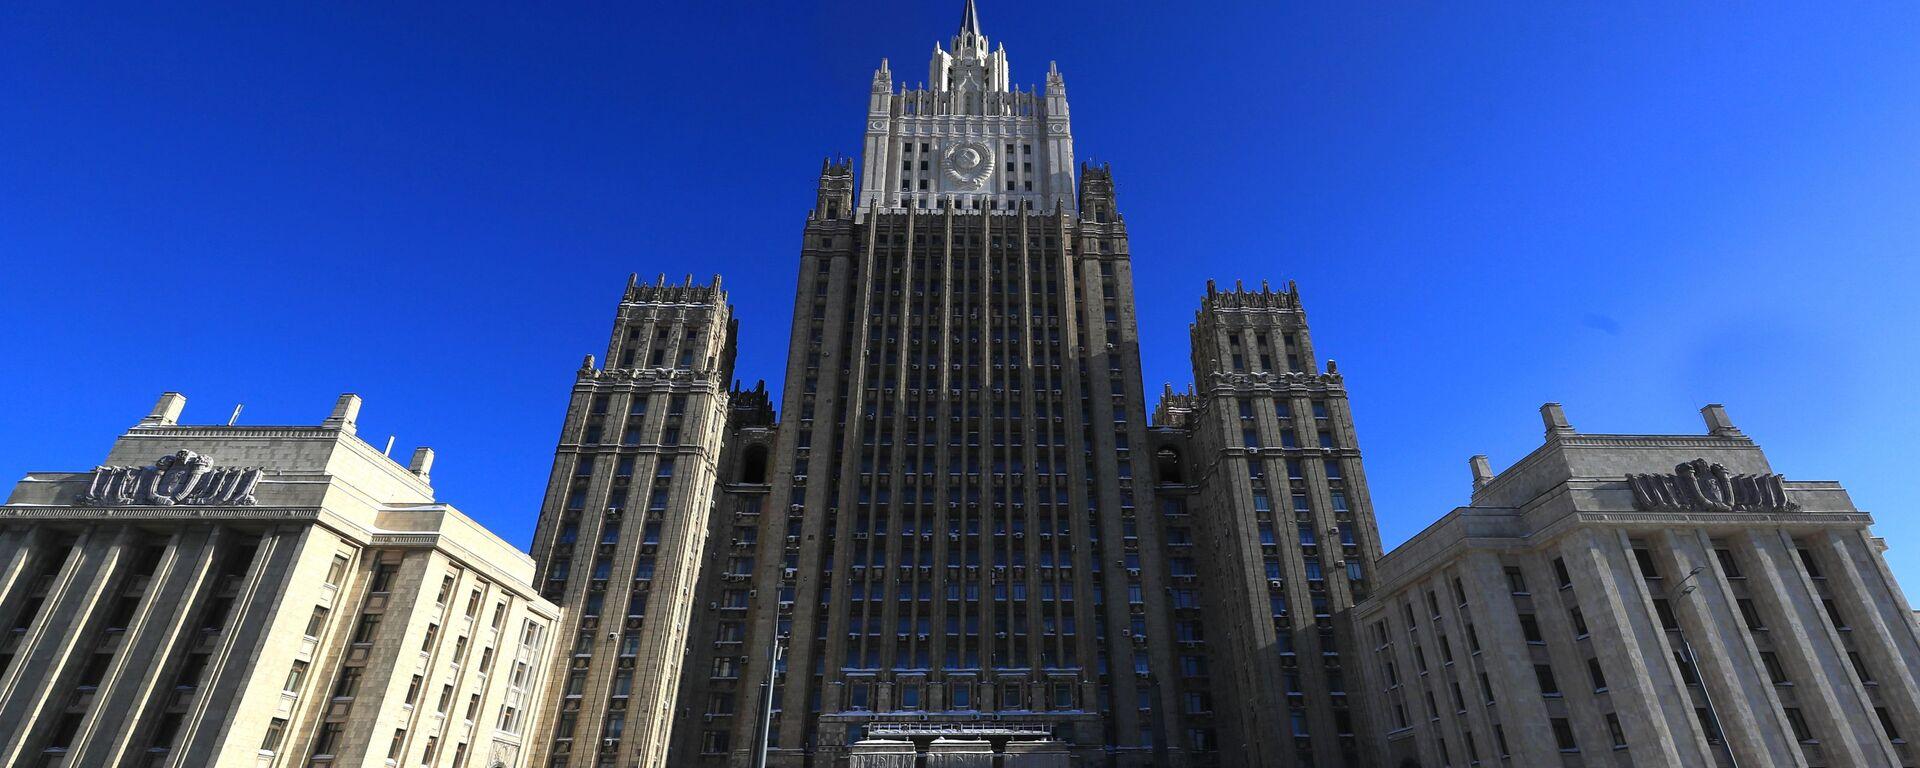 Здание Министерства иностранных дел РФ в Москве, архивное фото - Sputnik Латвия, 1920, 07.05.2021